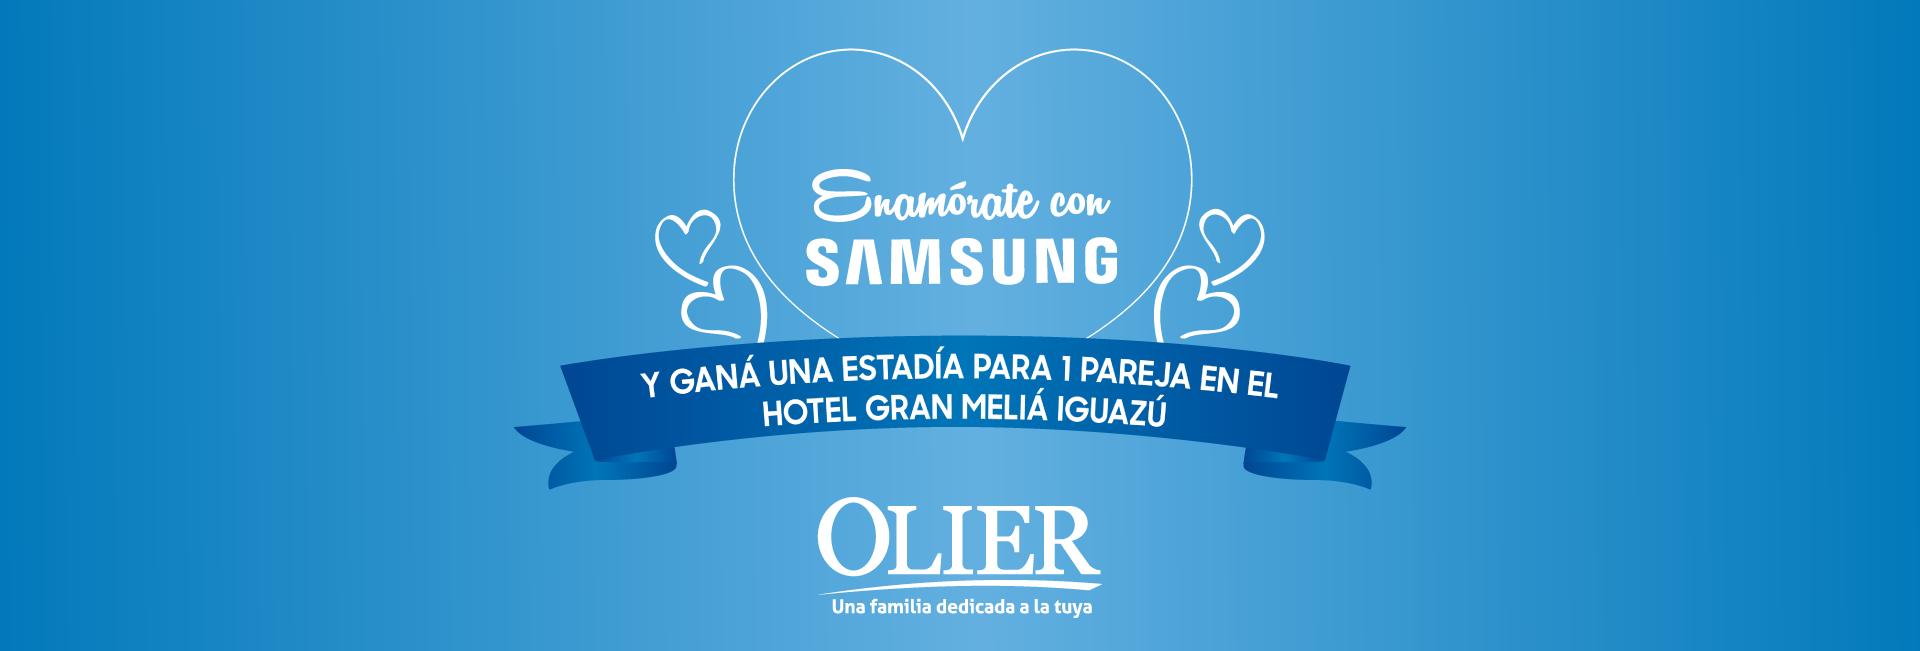 Enamorate con Samsung